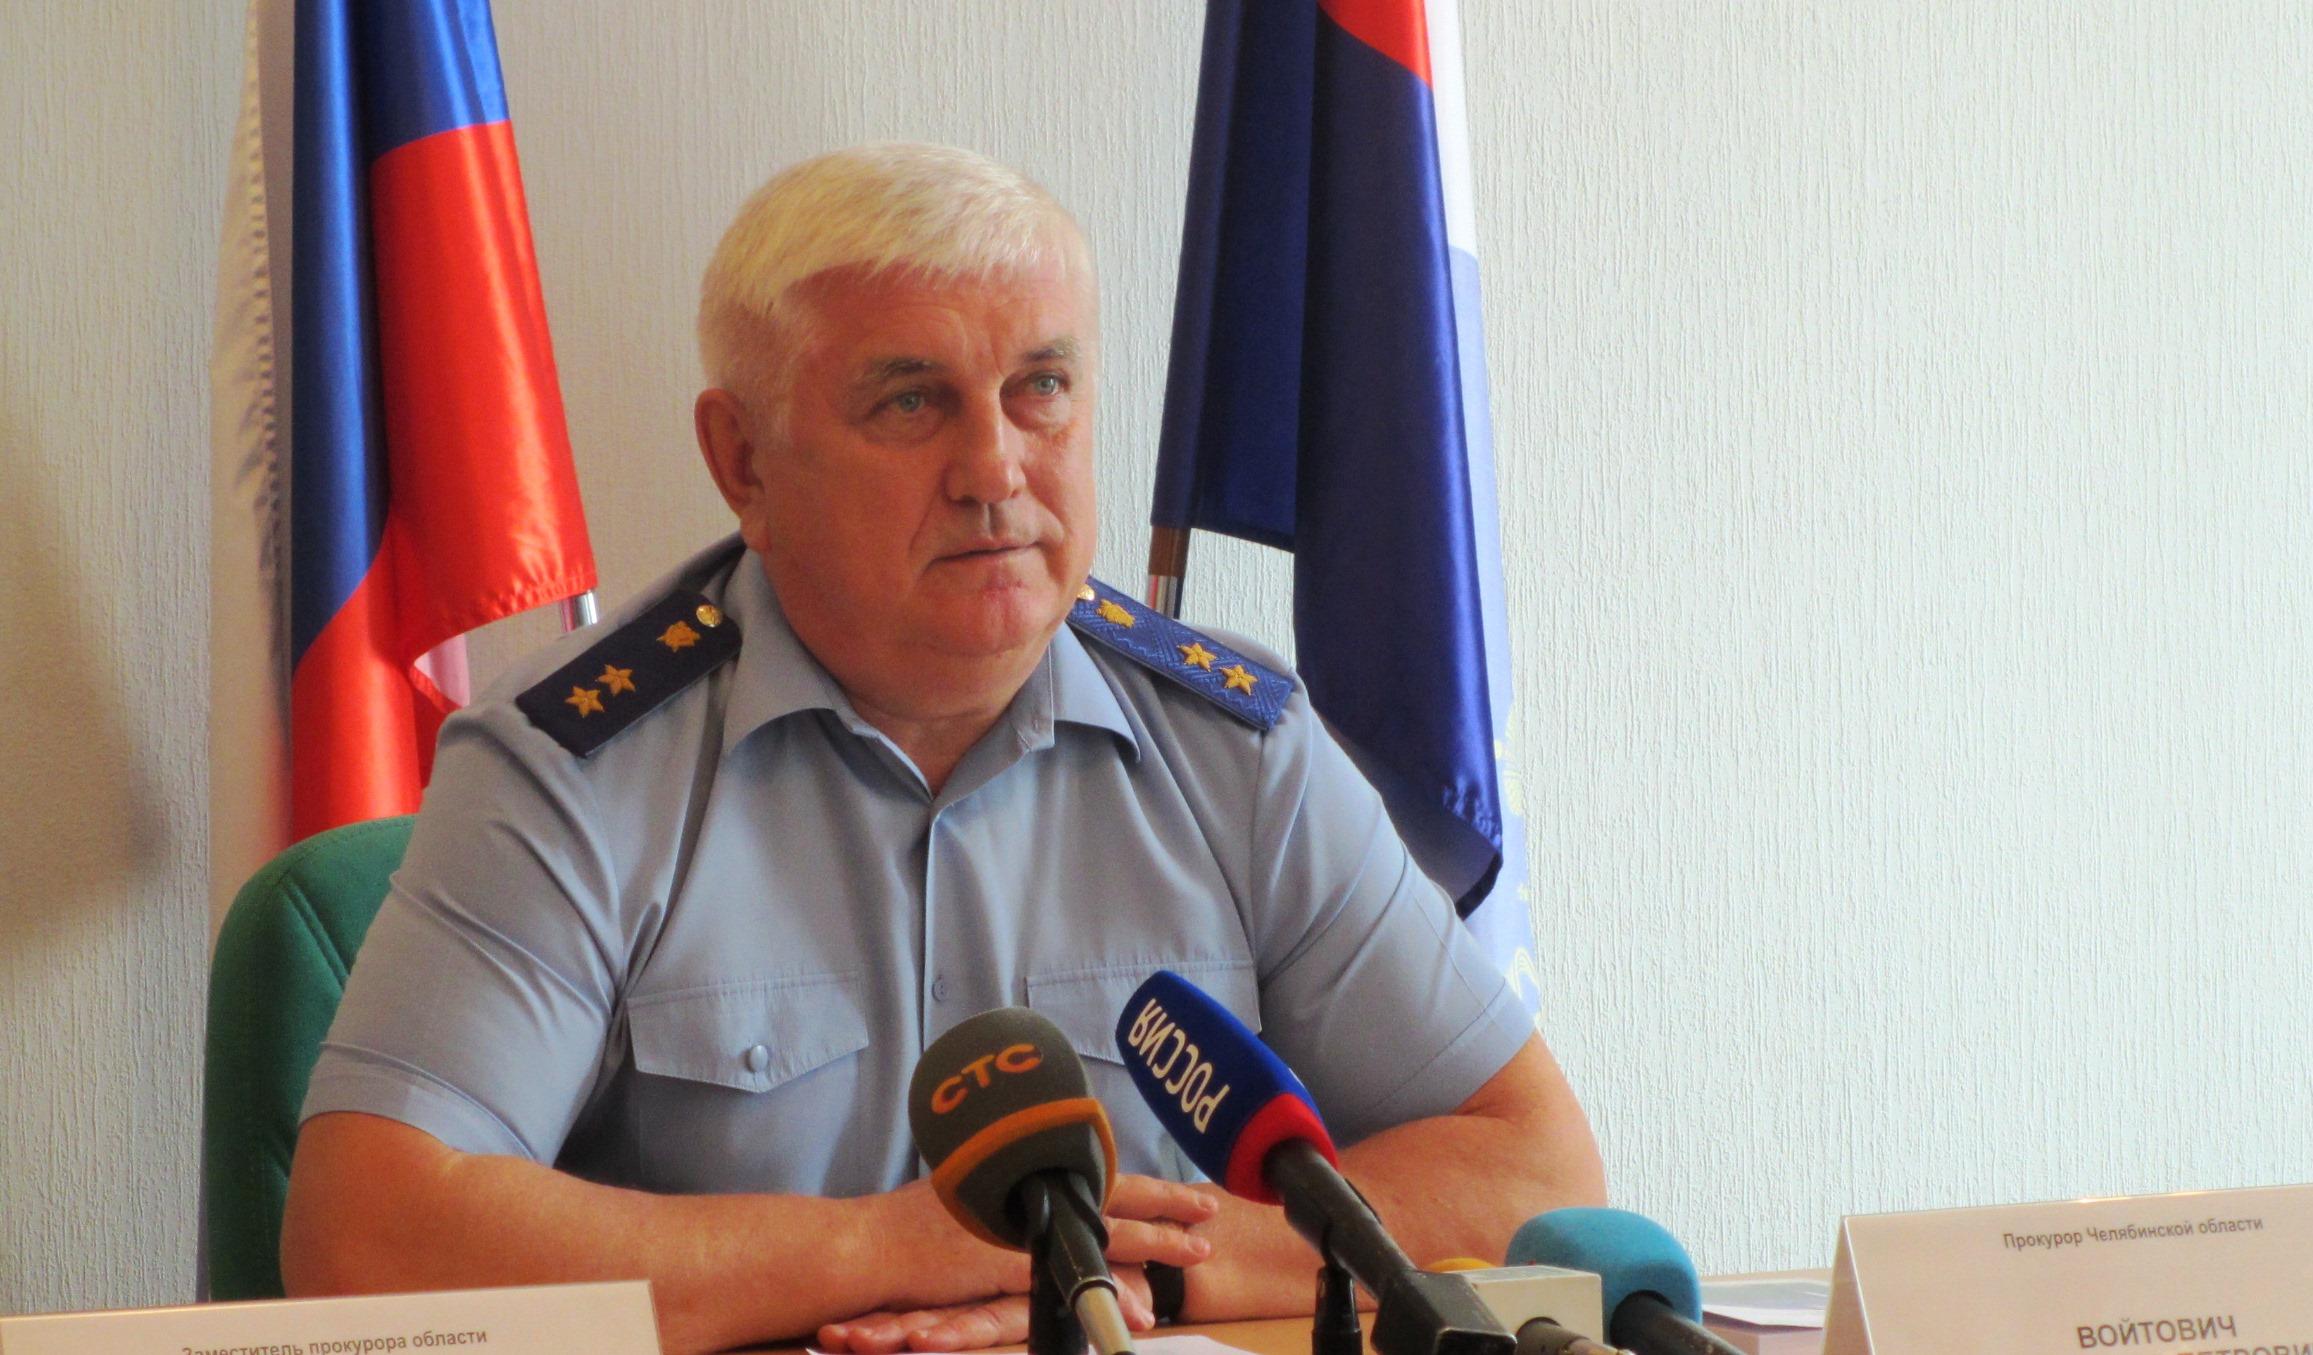 Как сообщили агентству «Урал-пресс-информ» в прокуратуре области, показатели готовности Чебаркуль